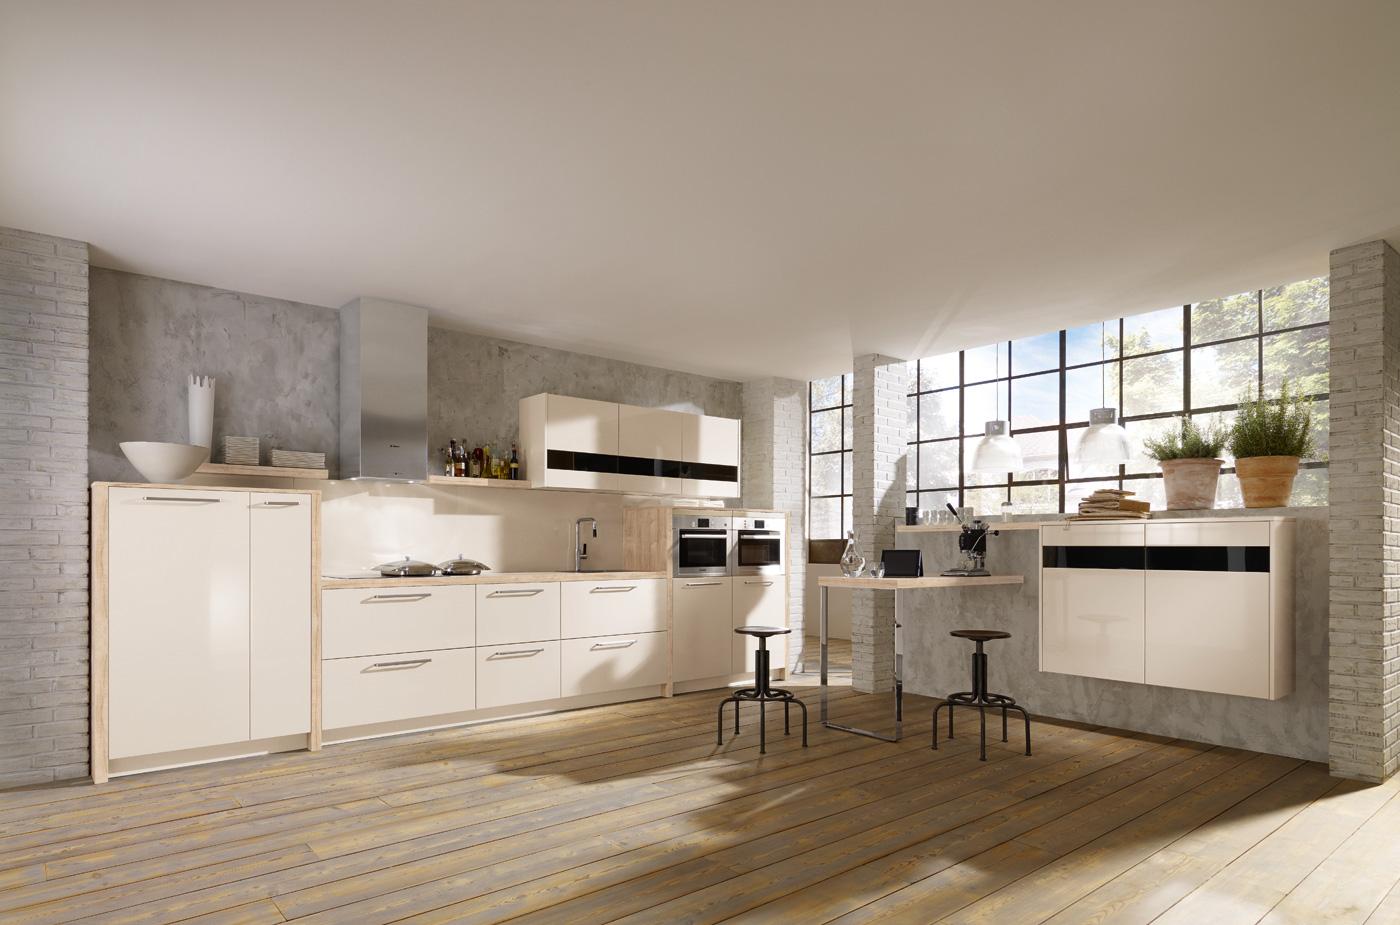 Küchenausstellung in Trossingen: jetzt Küchen anschauen!